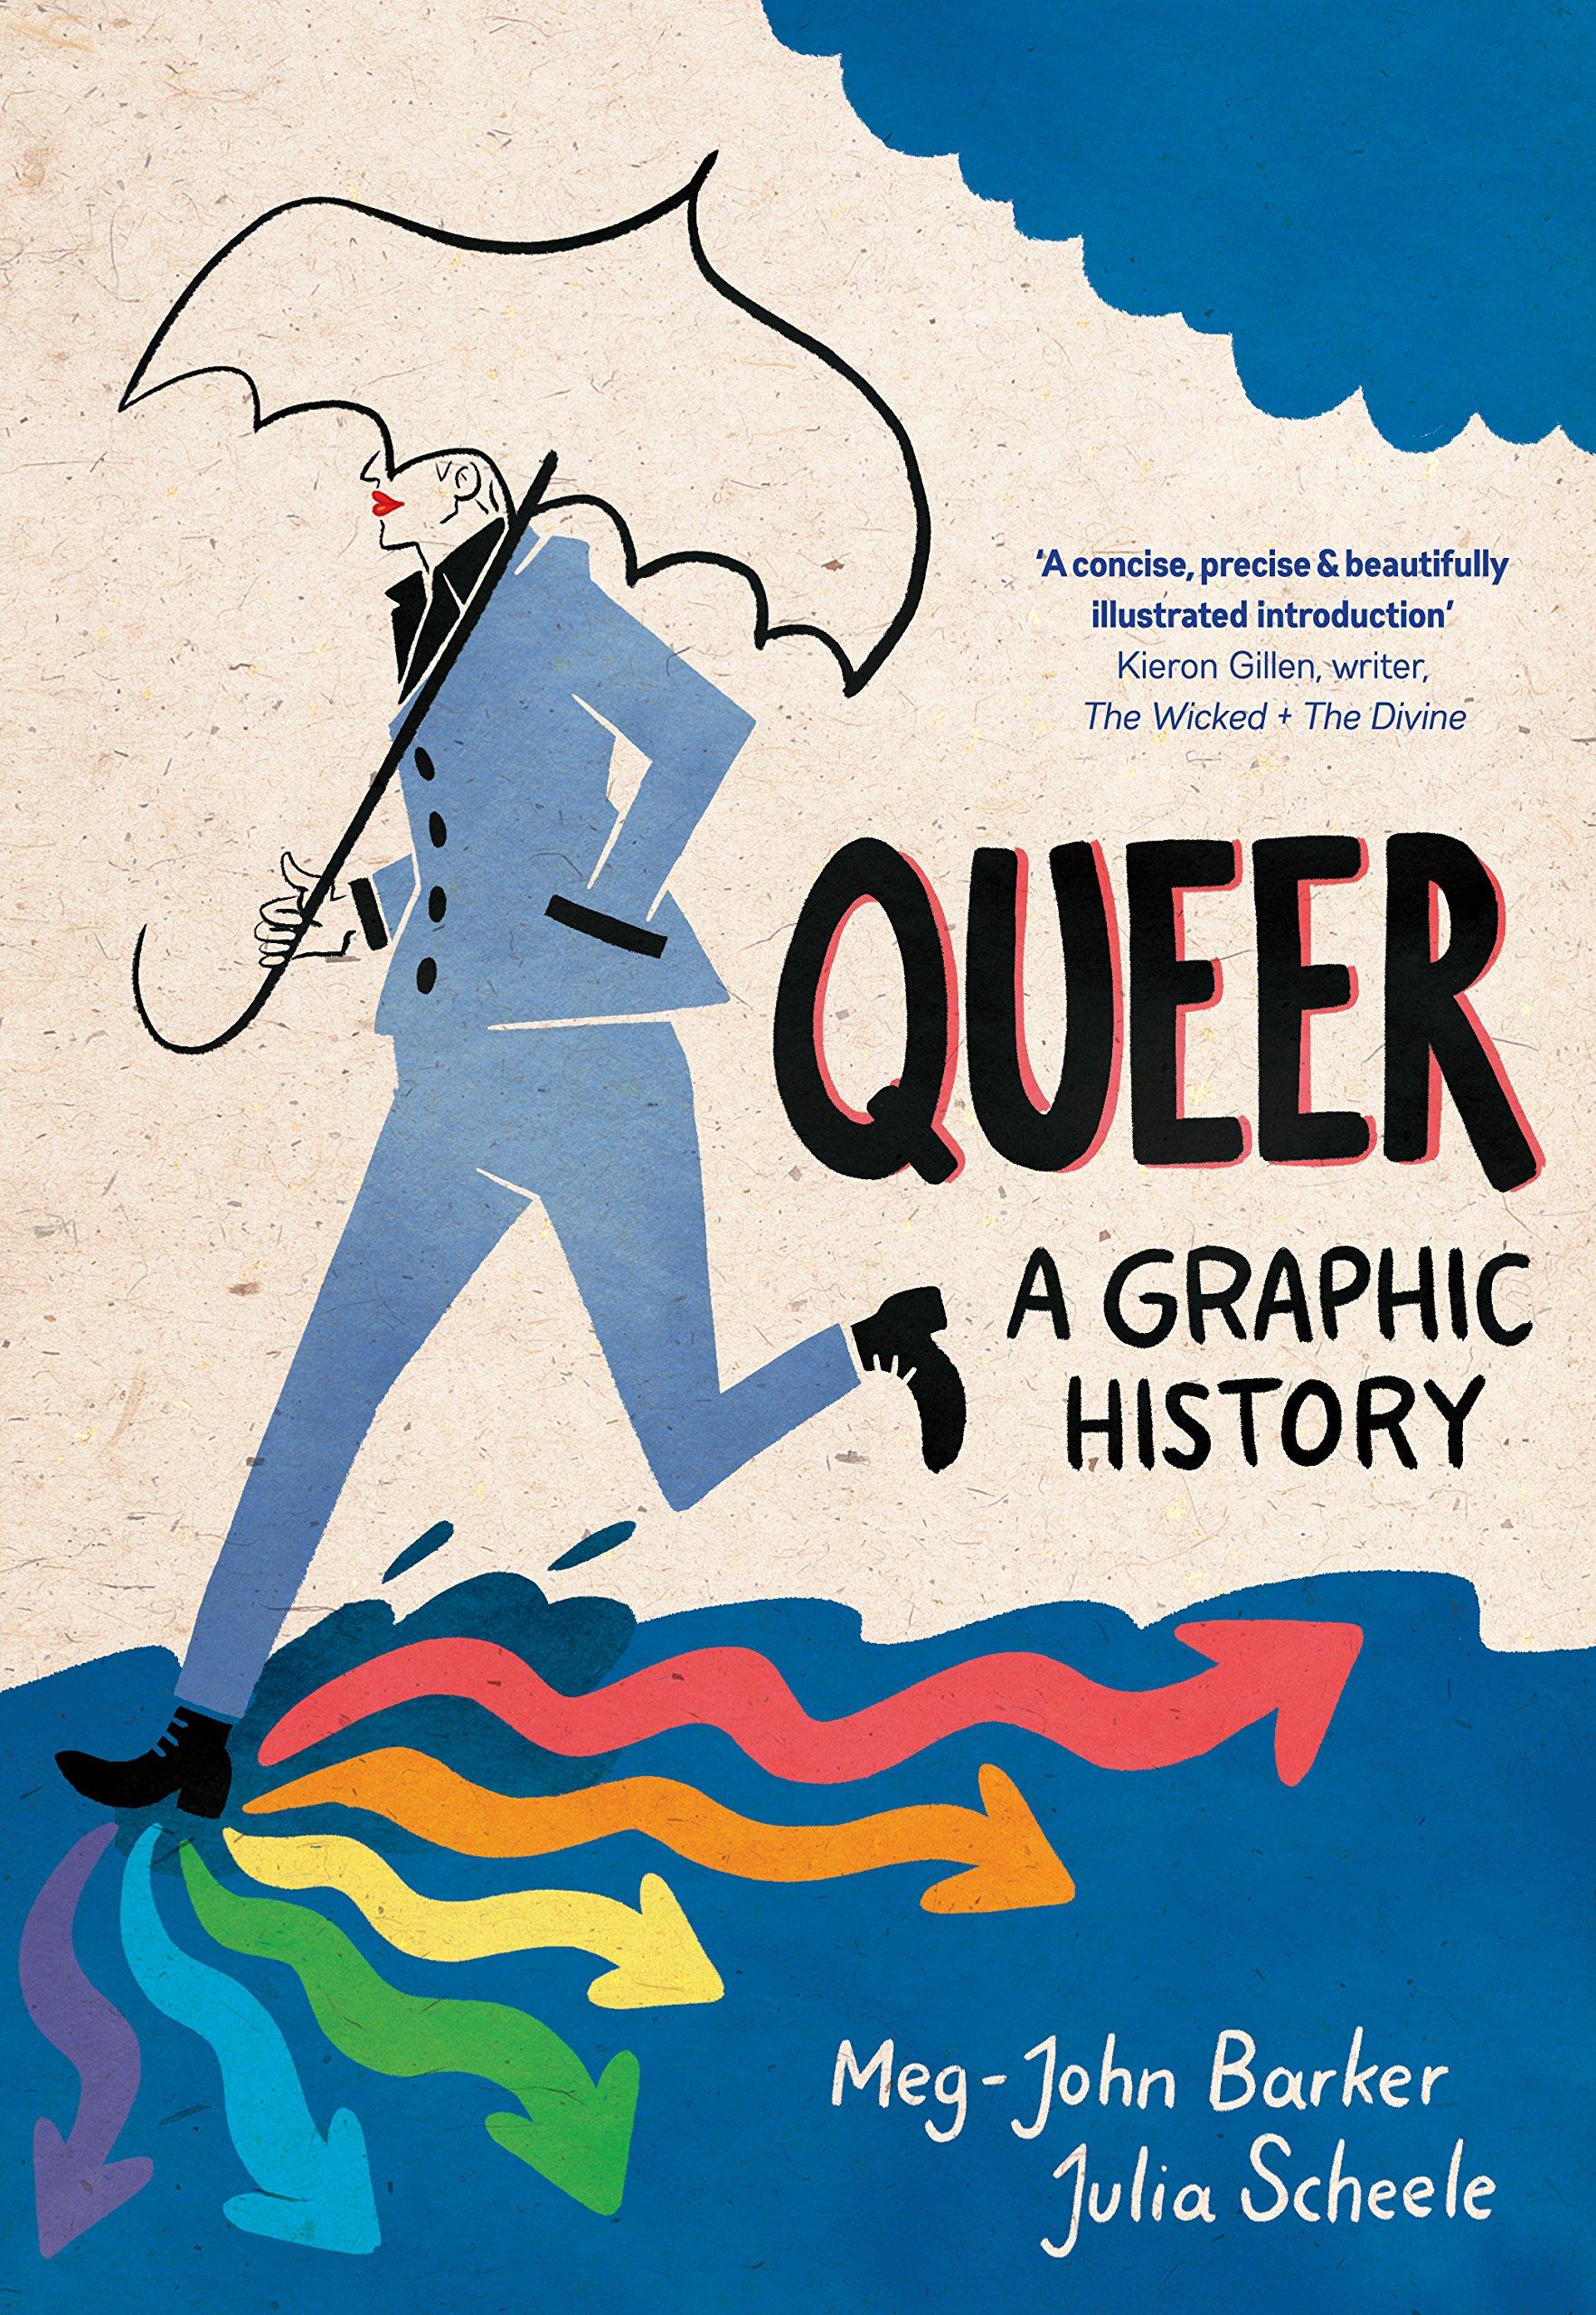 4_queer